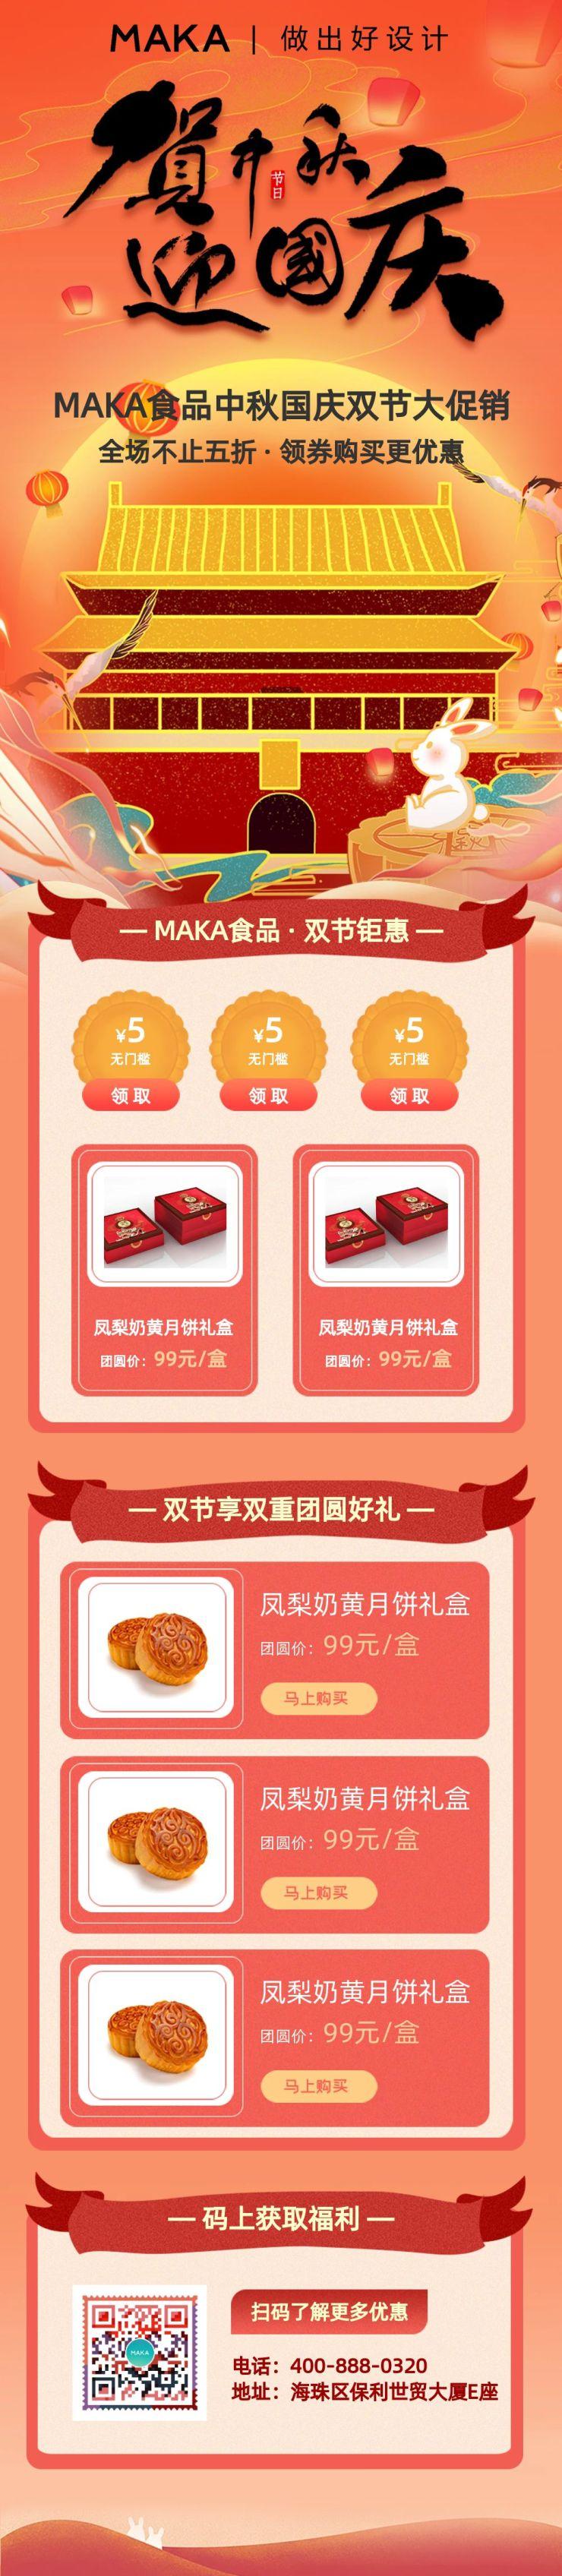 红色中秋国庆双节月饼大促销文章长图